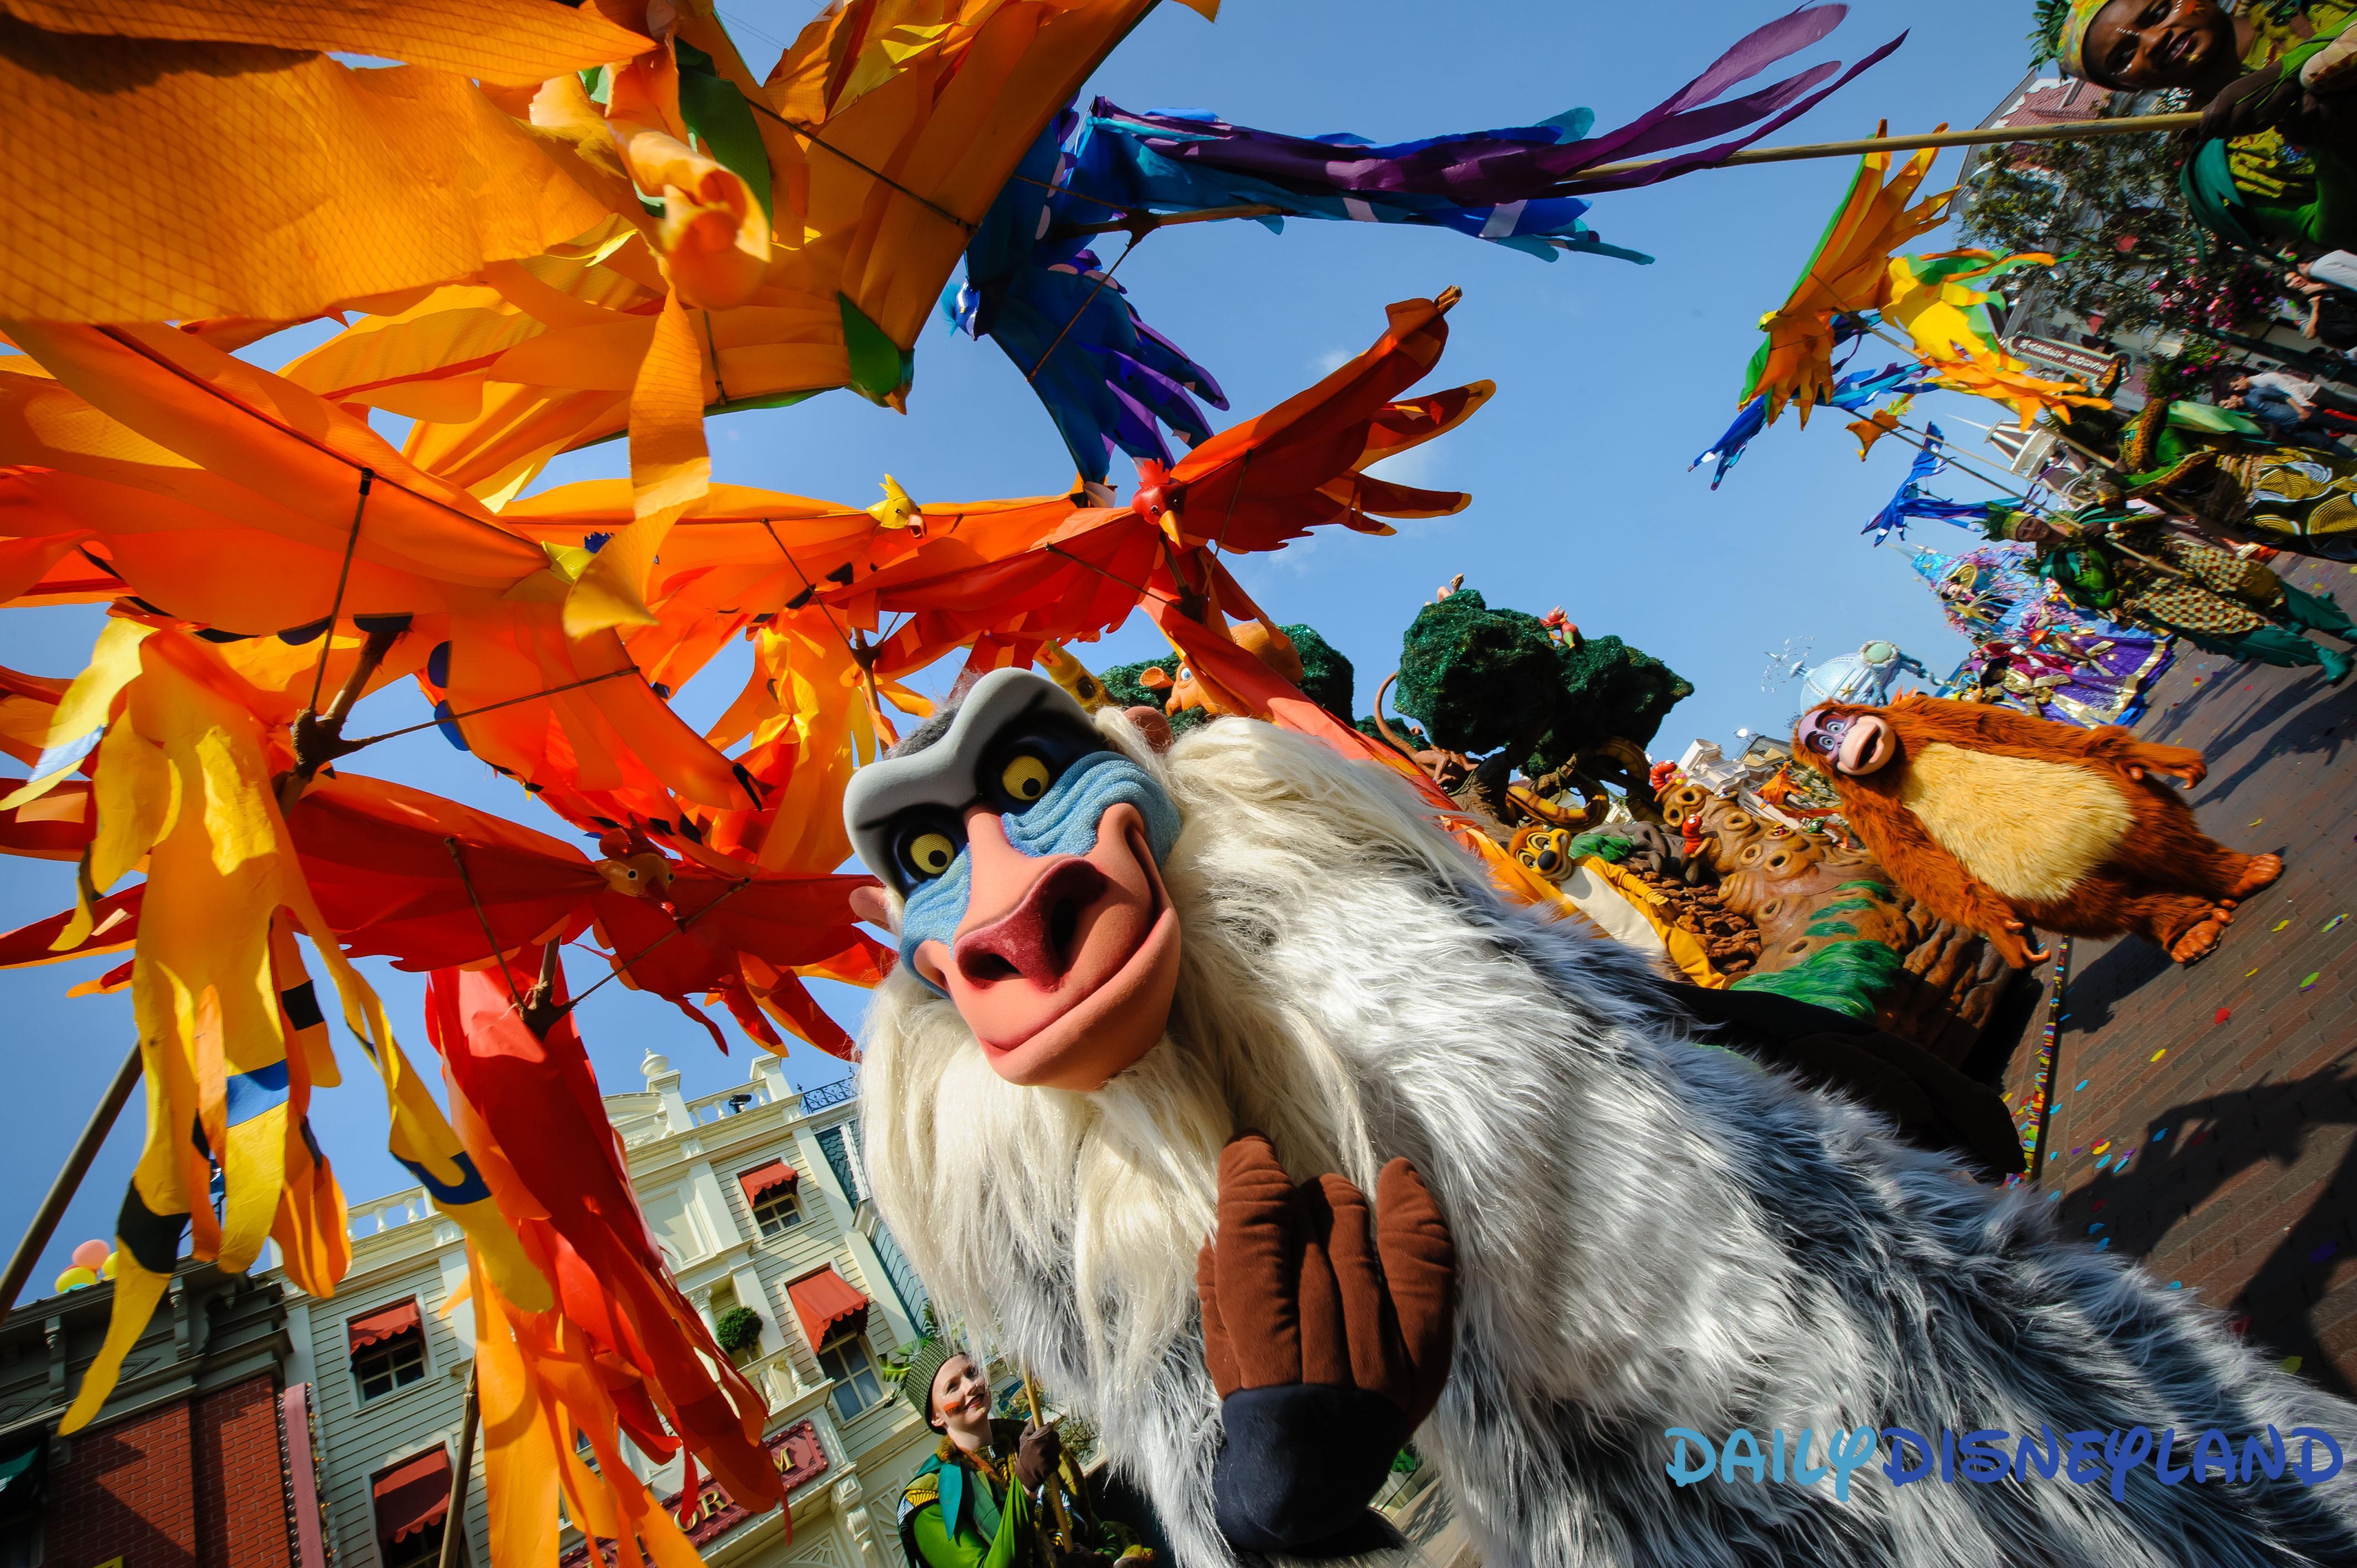 dates saisons 2019 disneyland paris festival roi lion jungle ete 2019 disney